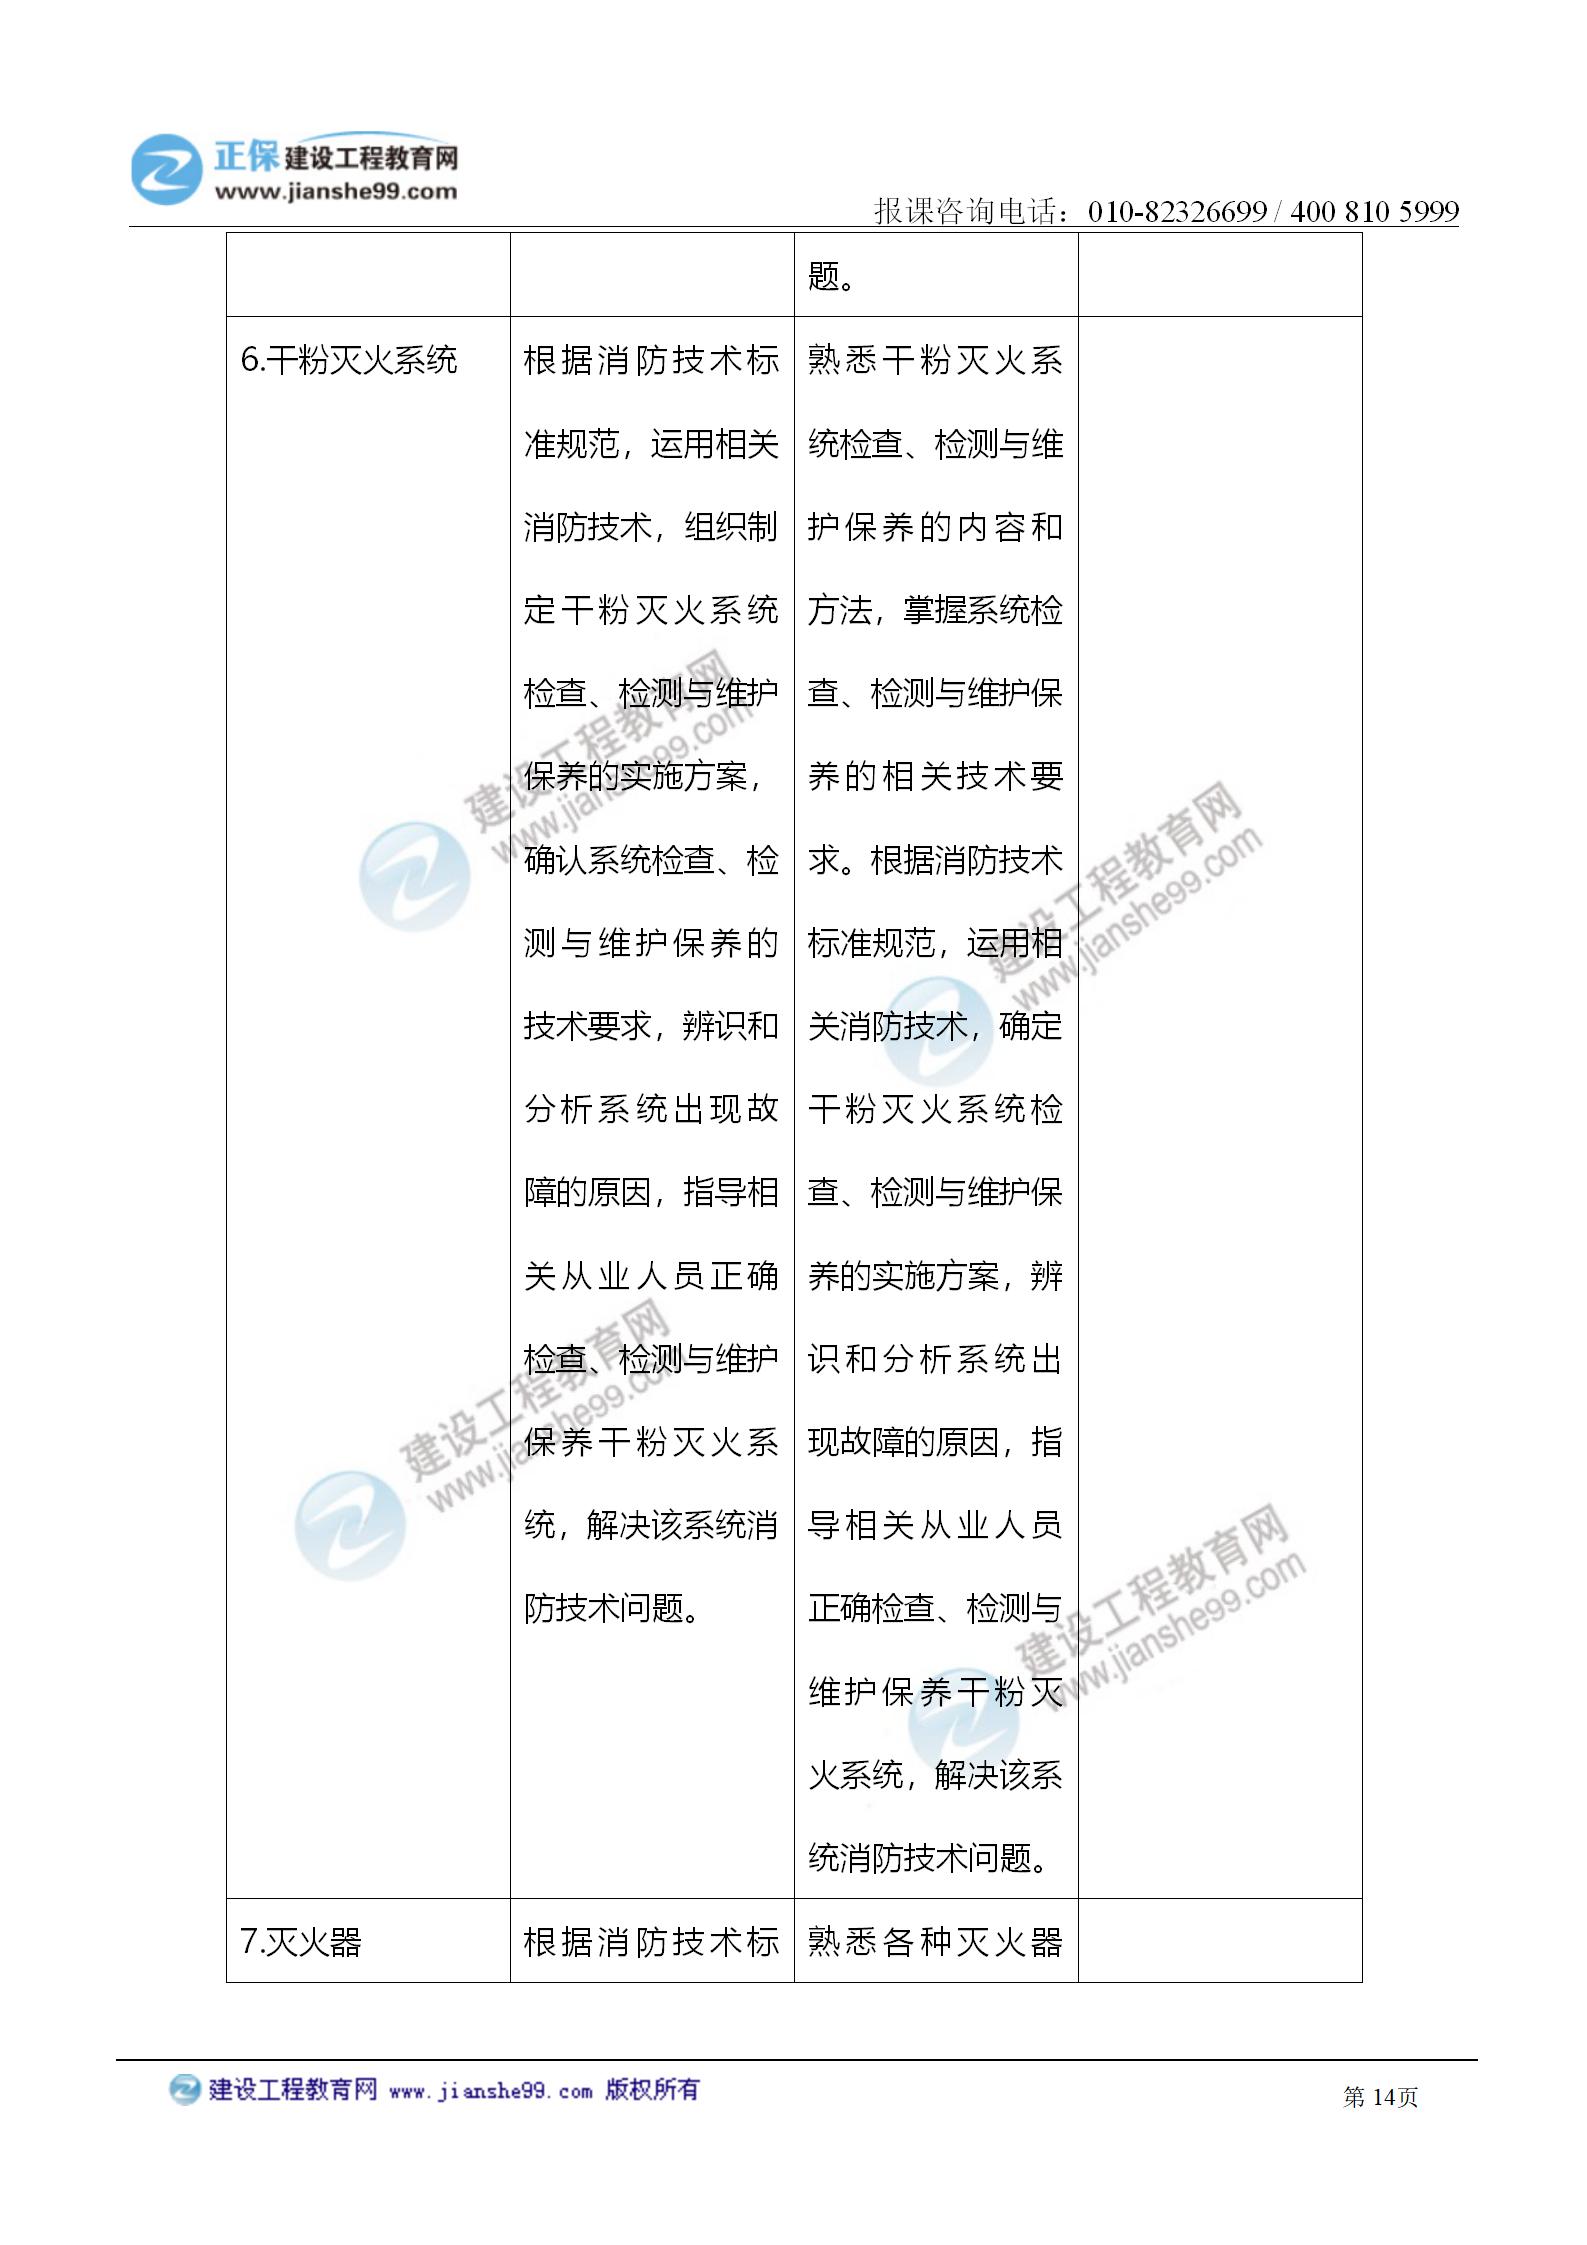 2021注册消防工程师《综合能力》考试大纲变化情况_14